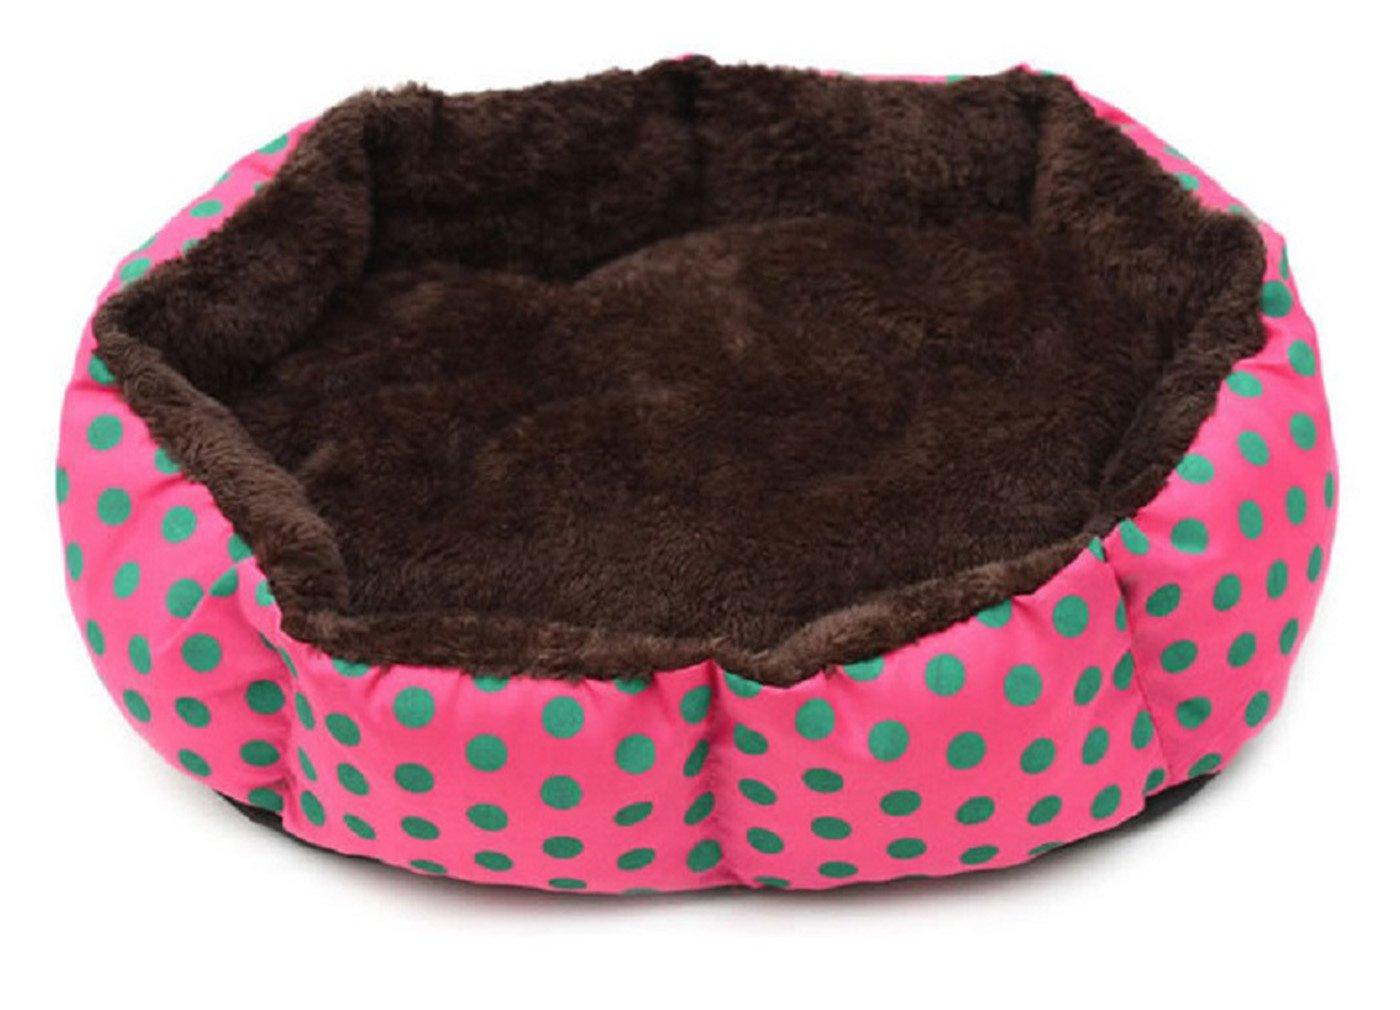 Tnkinuyi Suave Algodón Cama de Perro Lavable Pequeño Nido Octogonal Pit Pit Teddy Cachorro Nido Gato camada 4 Colores 2 Tamaños (S(36 * 30 * 7 cm), ...